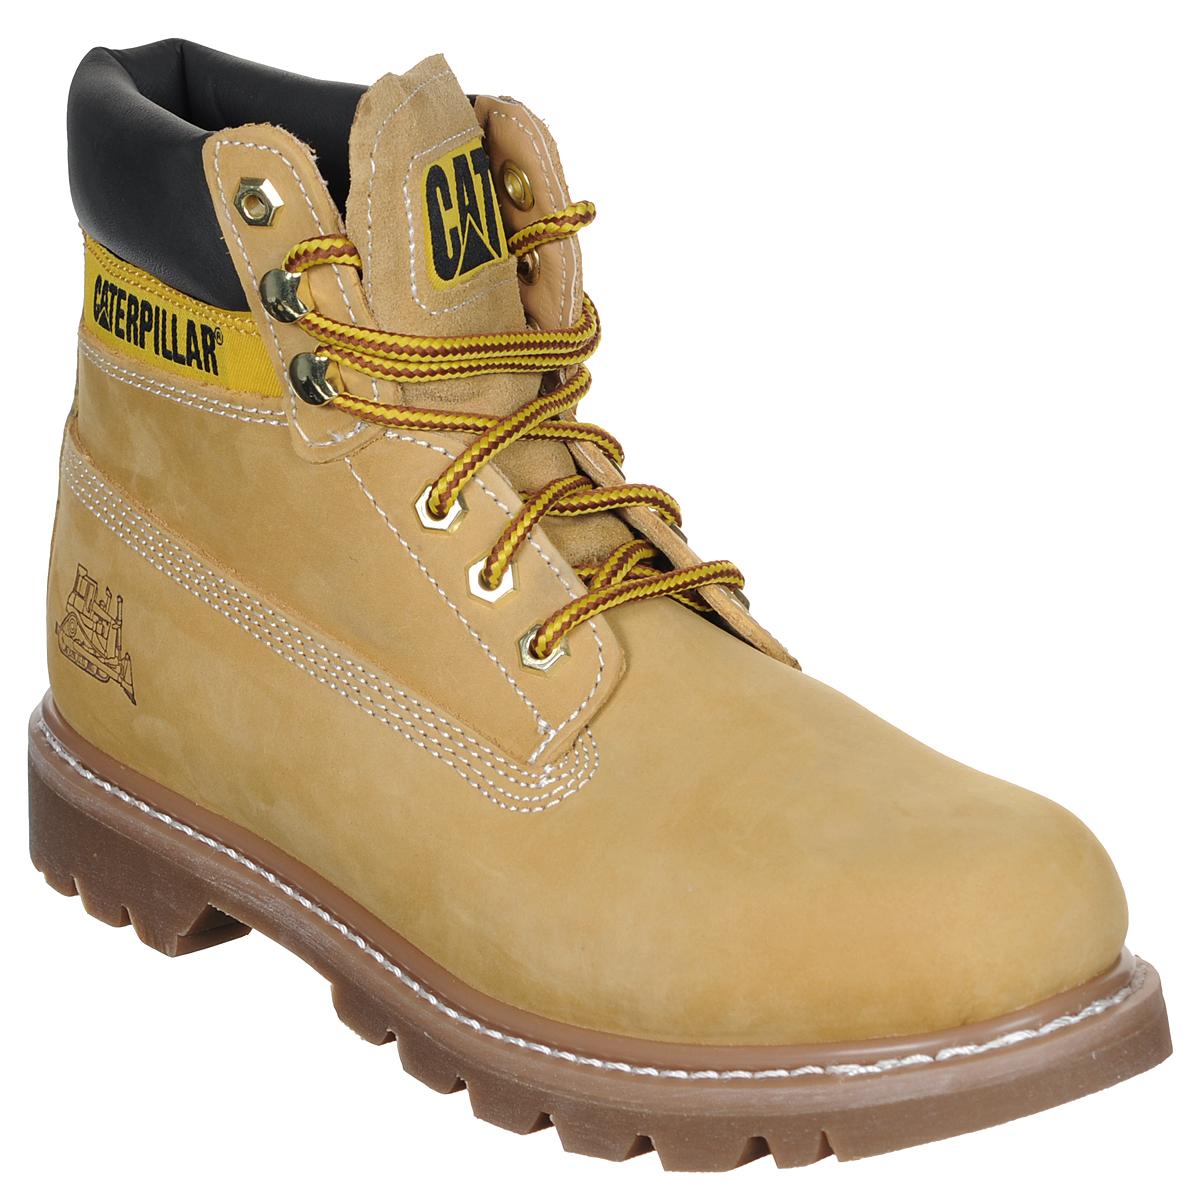 Ботинки мужские Caterpillar Colorado, цвет: светло-коричневый. 44100. Размер 11 (44)44100Стильные мужские ботинки Colorado от Caterpillar надежно защитят вас от холода. Верх выполнен из натурального нубука со вставками из полиуретана. Подкладка изготовлена из мягкого текстильного материала, позволяющего сохранять ваши ноги в тепле. Шнуровка надежно фиксирует модель на ноге. Оформлено изделие по бокам и на язычке нашивками с названием и логотипом бренда, а сбоку на пятке - тиснением в виде бульдозера. Стельки из пластика EVA обеспечивают комфортное положение стопы и амортизацию. Резиновая подошва с крупным протектором обеспечивает хорошее сцепление с поверхностью.Такие ботинки отлично подойдут для каждодневного использования и подчеркнут ваш стиль и индивидуальность.